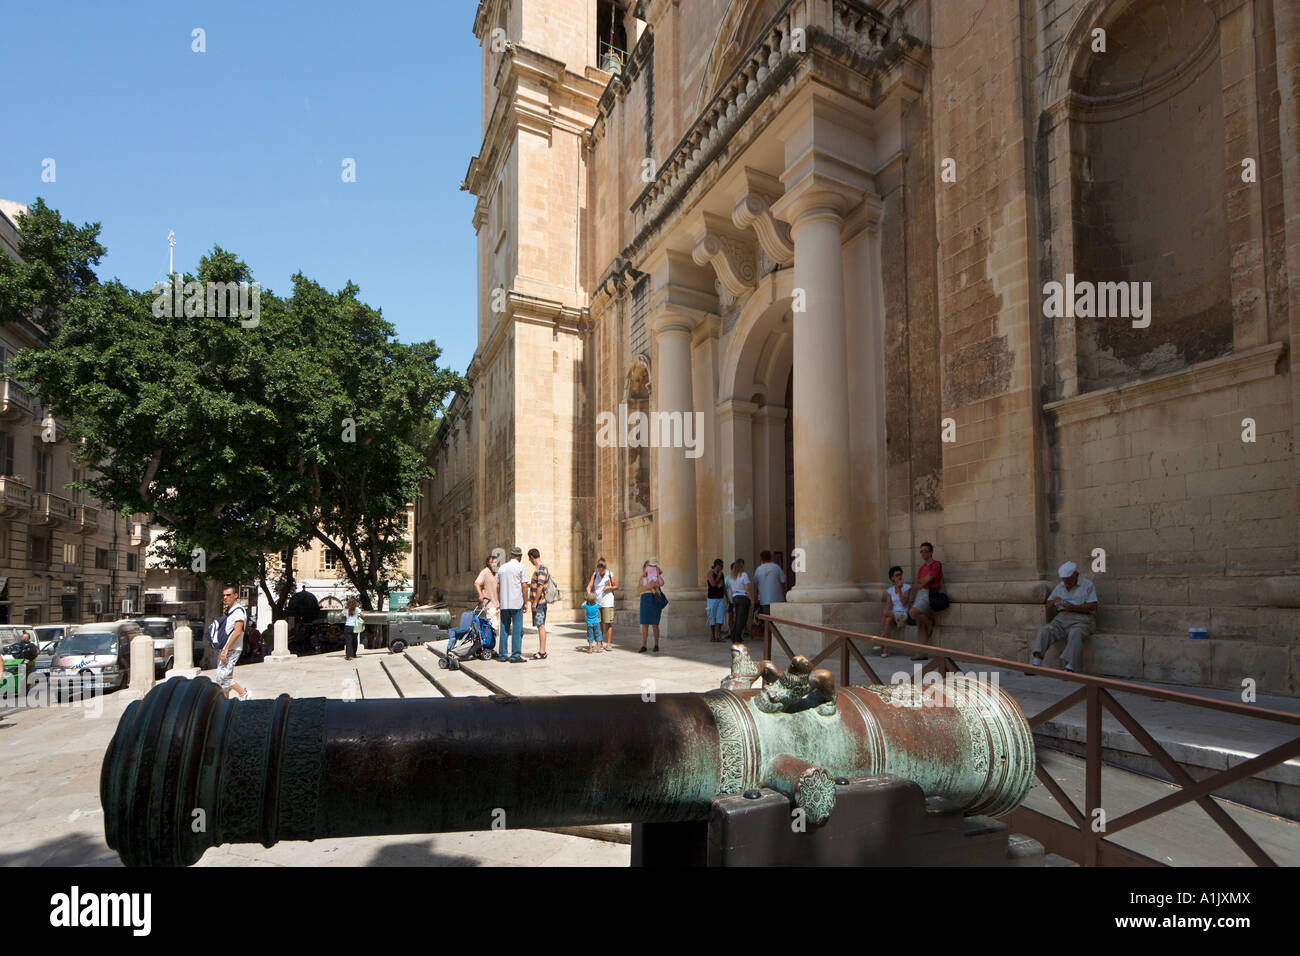 Entrada a la Catedral de St John's Co, St John's Square, Valletta, Malta Foto de stock